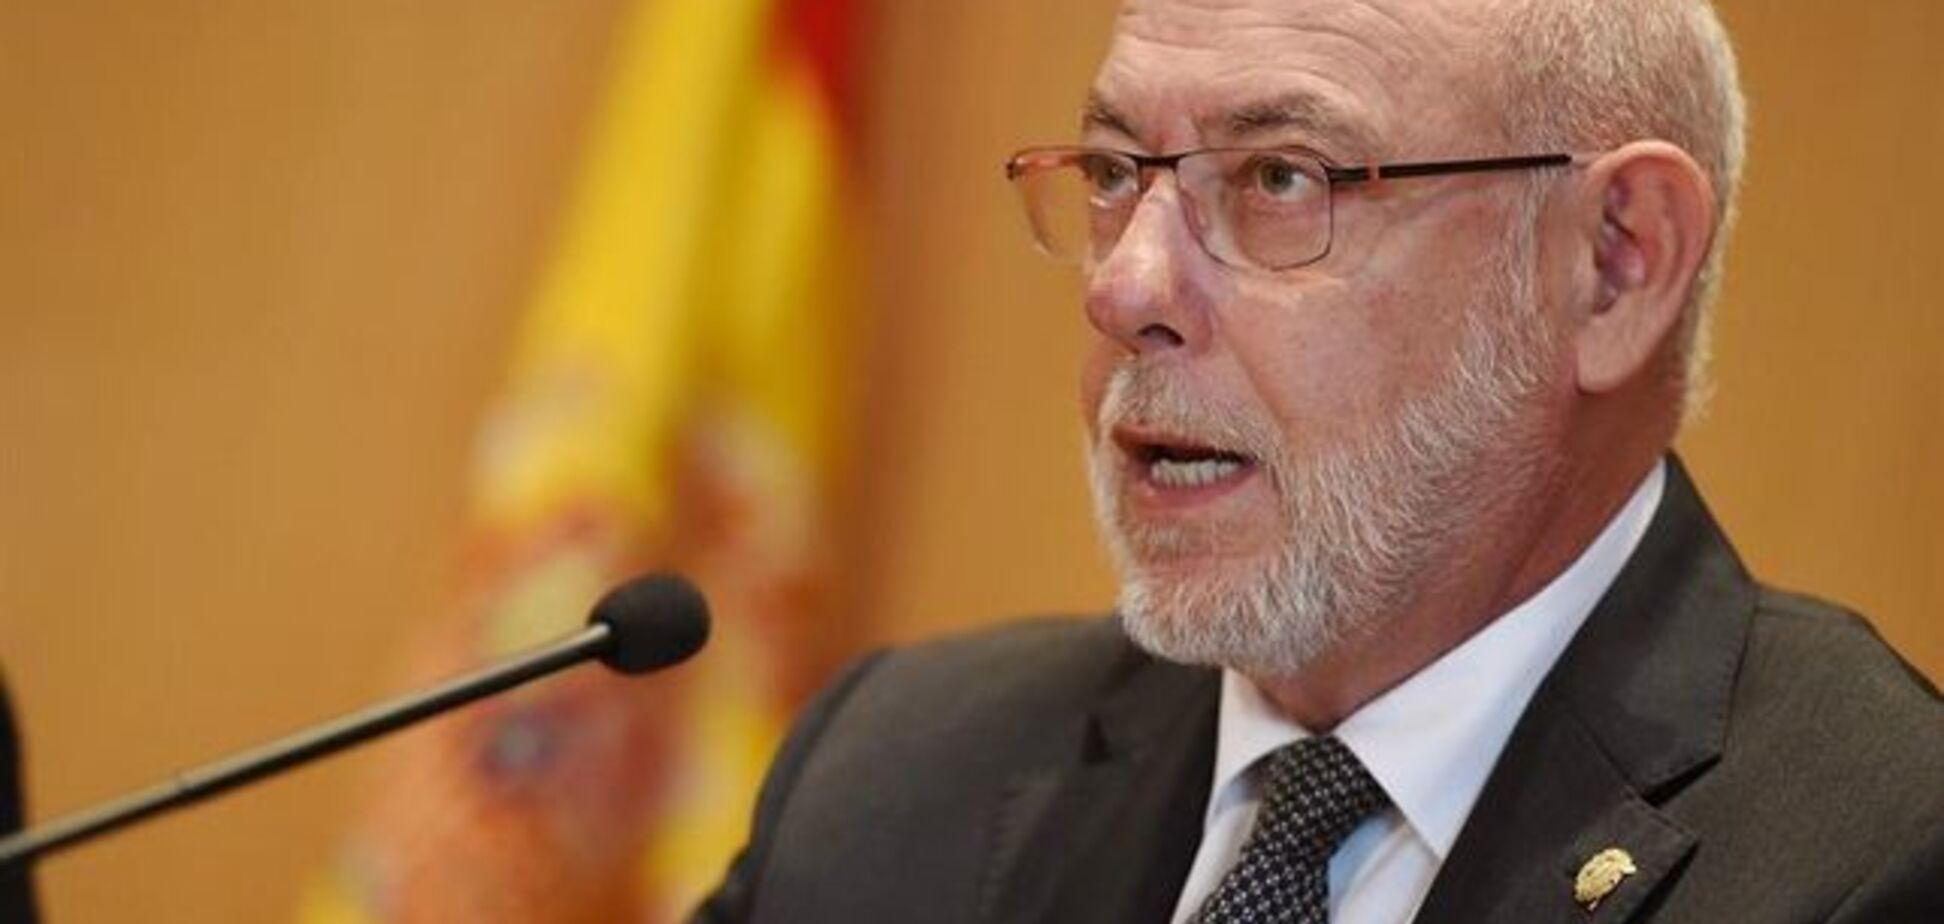 Умер генпрокурор Испании, который вел дело против каталонских сепаратистов